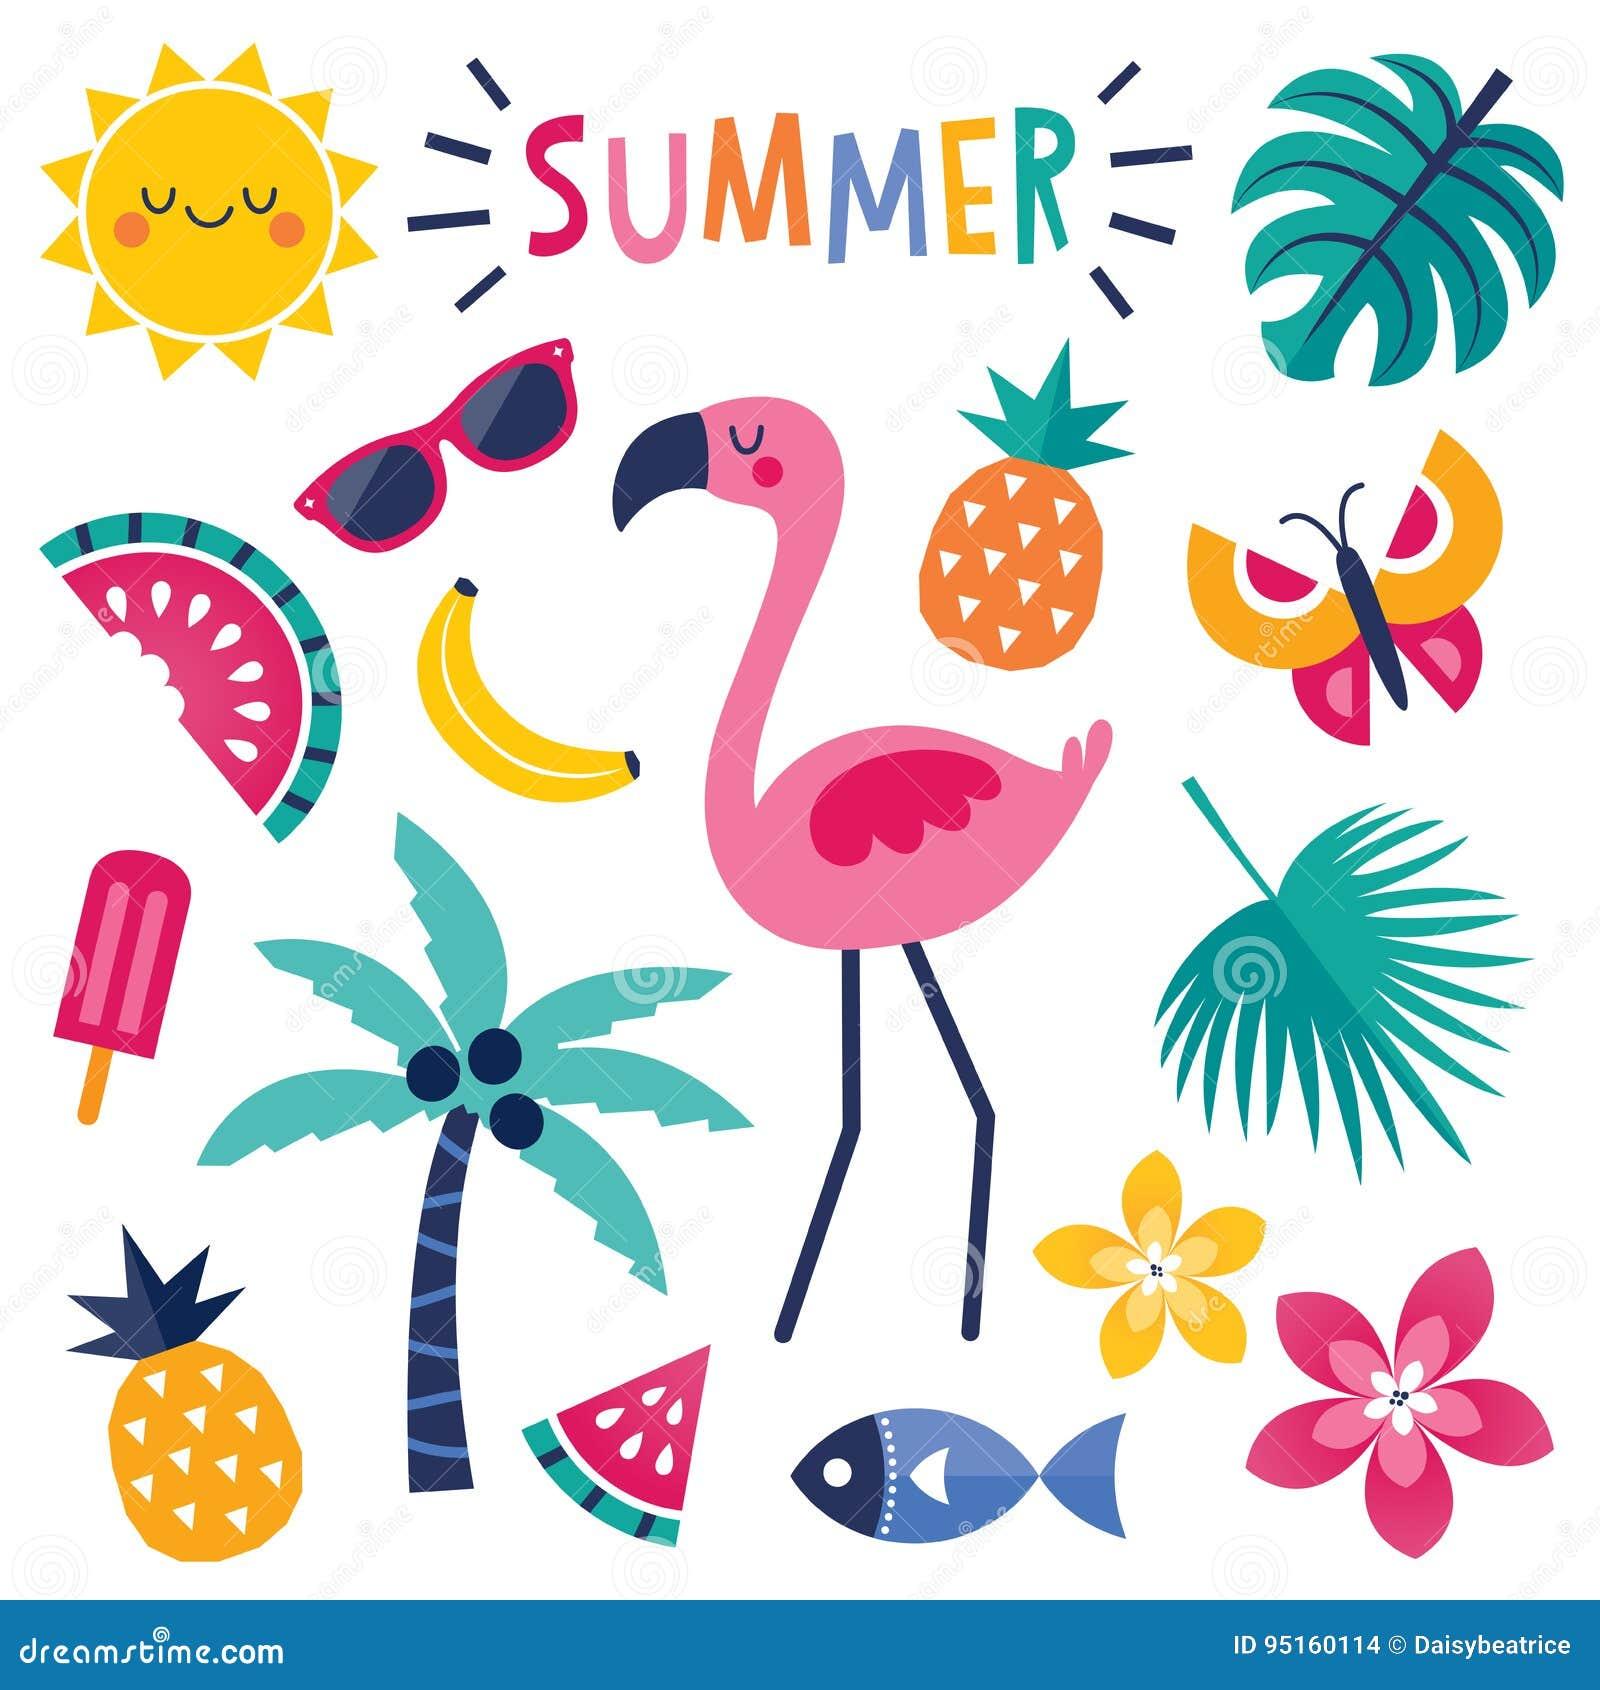 flamingo cartoons  illustrations  u0026 vector stock images